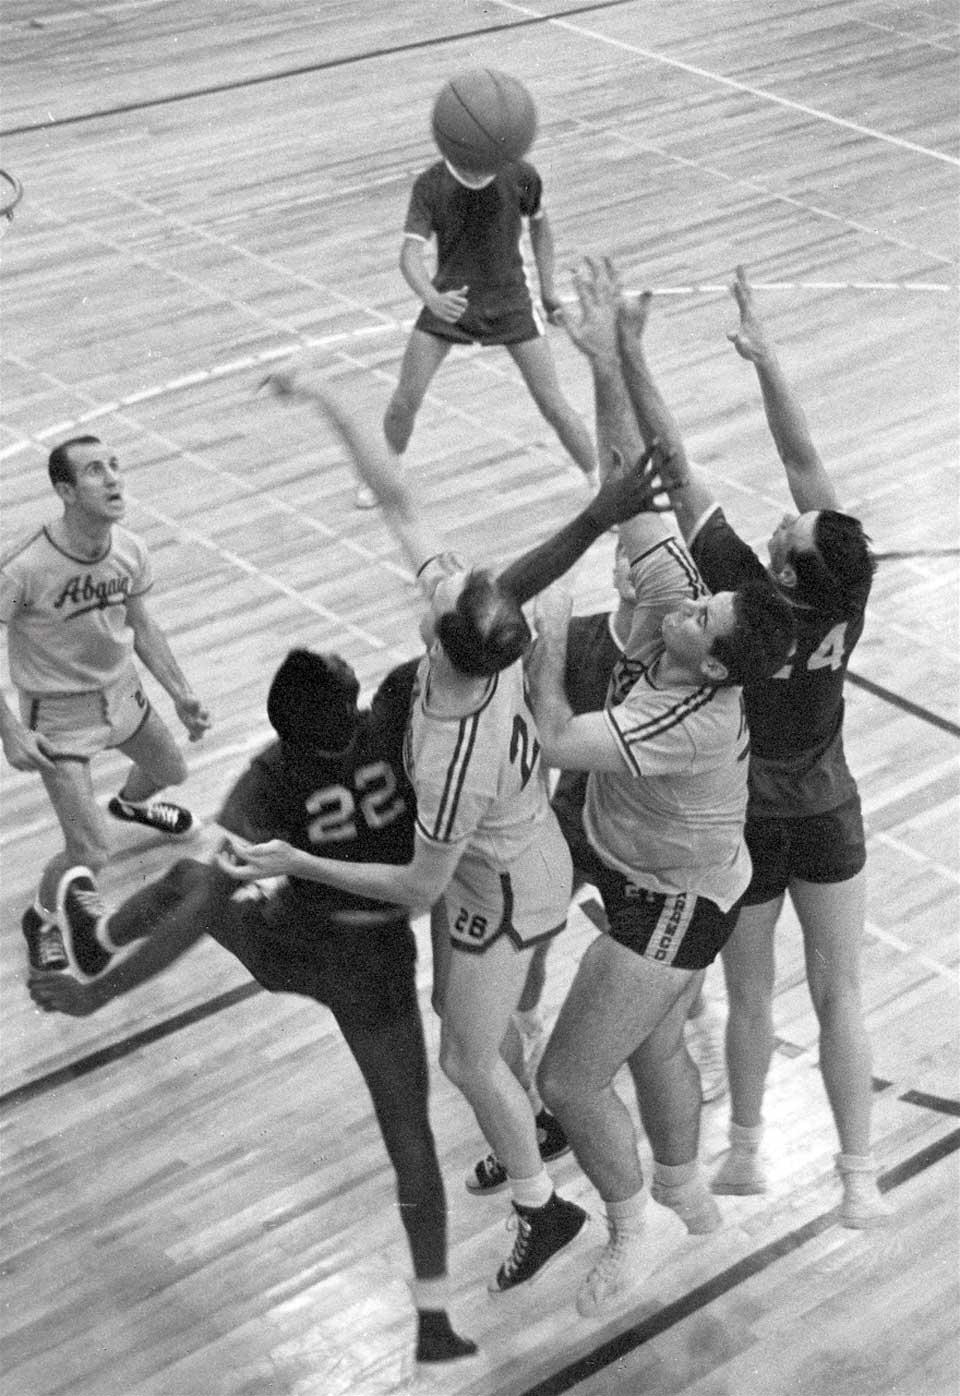 Dhahran v. Abqaiq Basketball - 1957